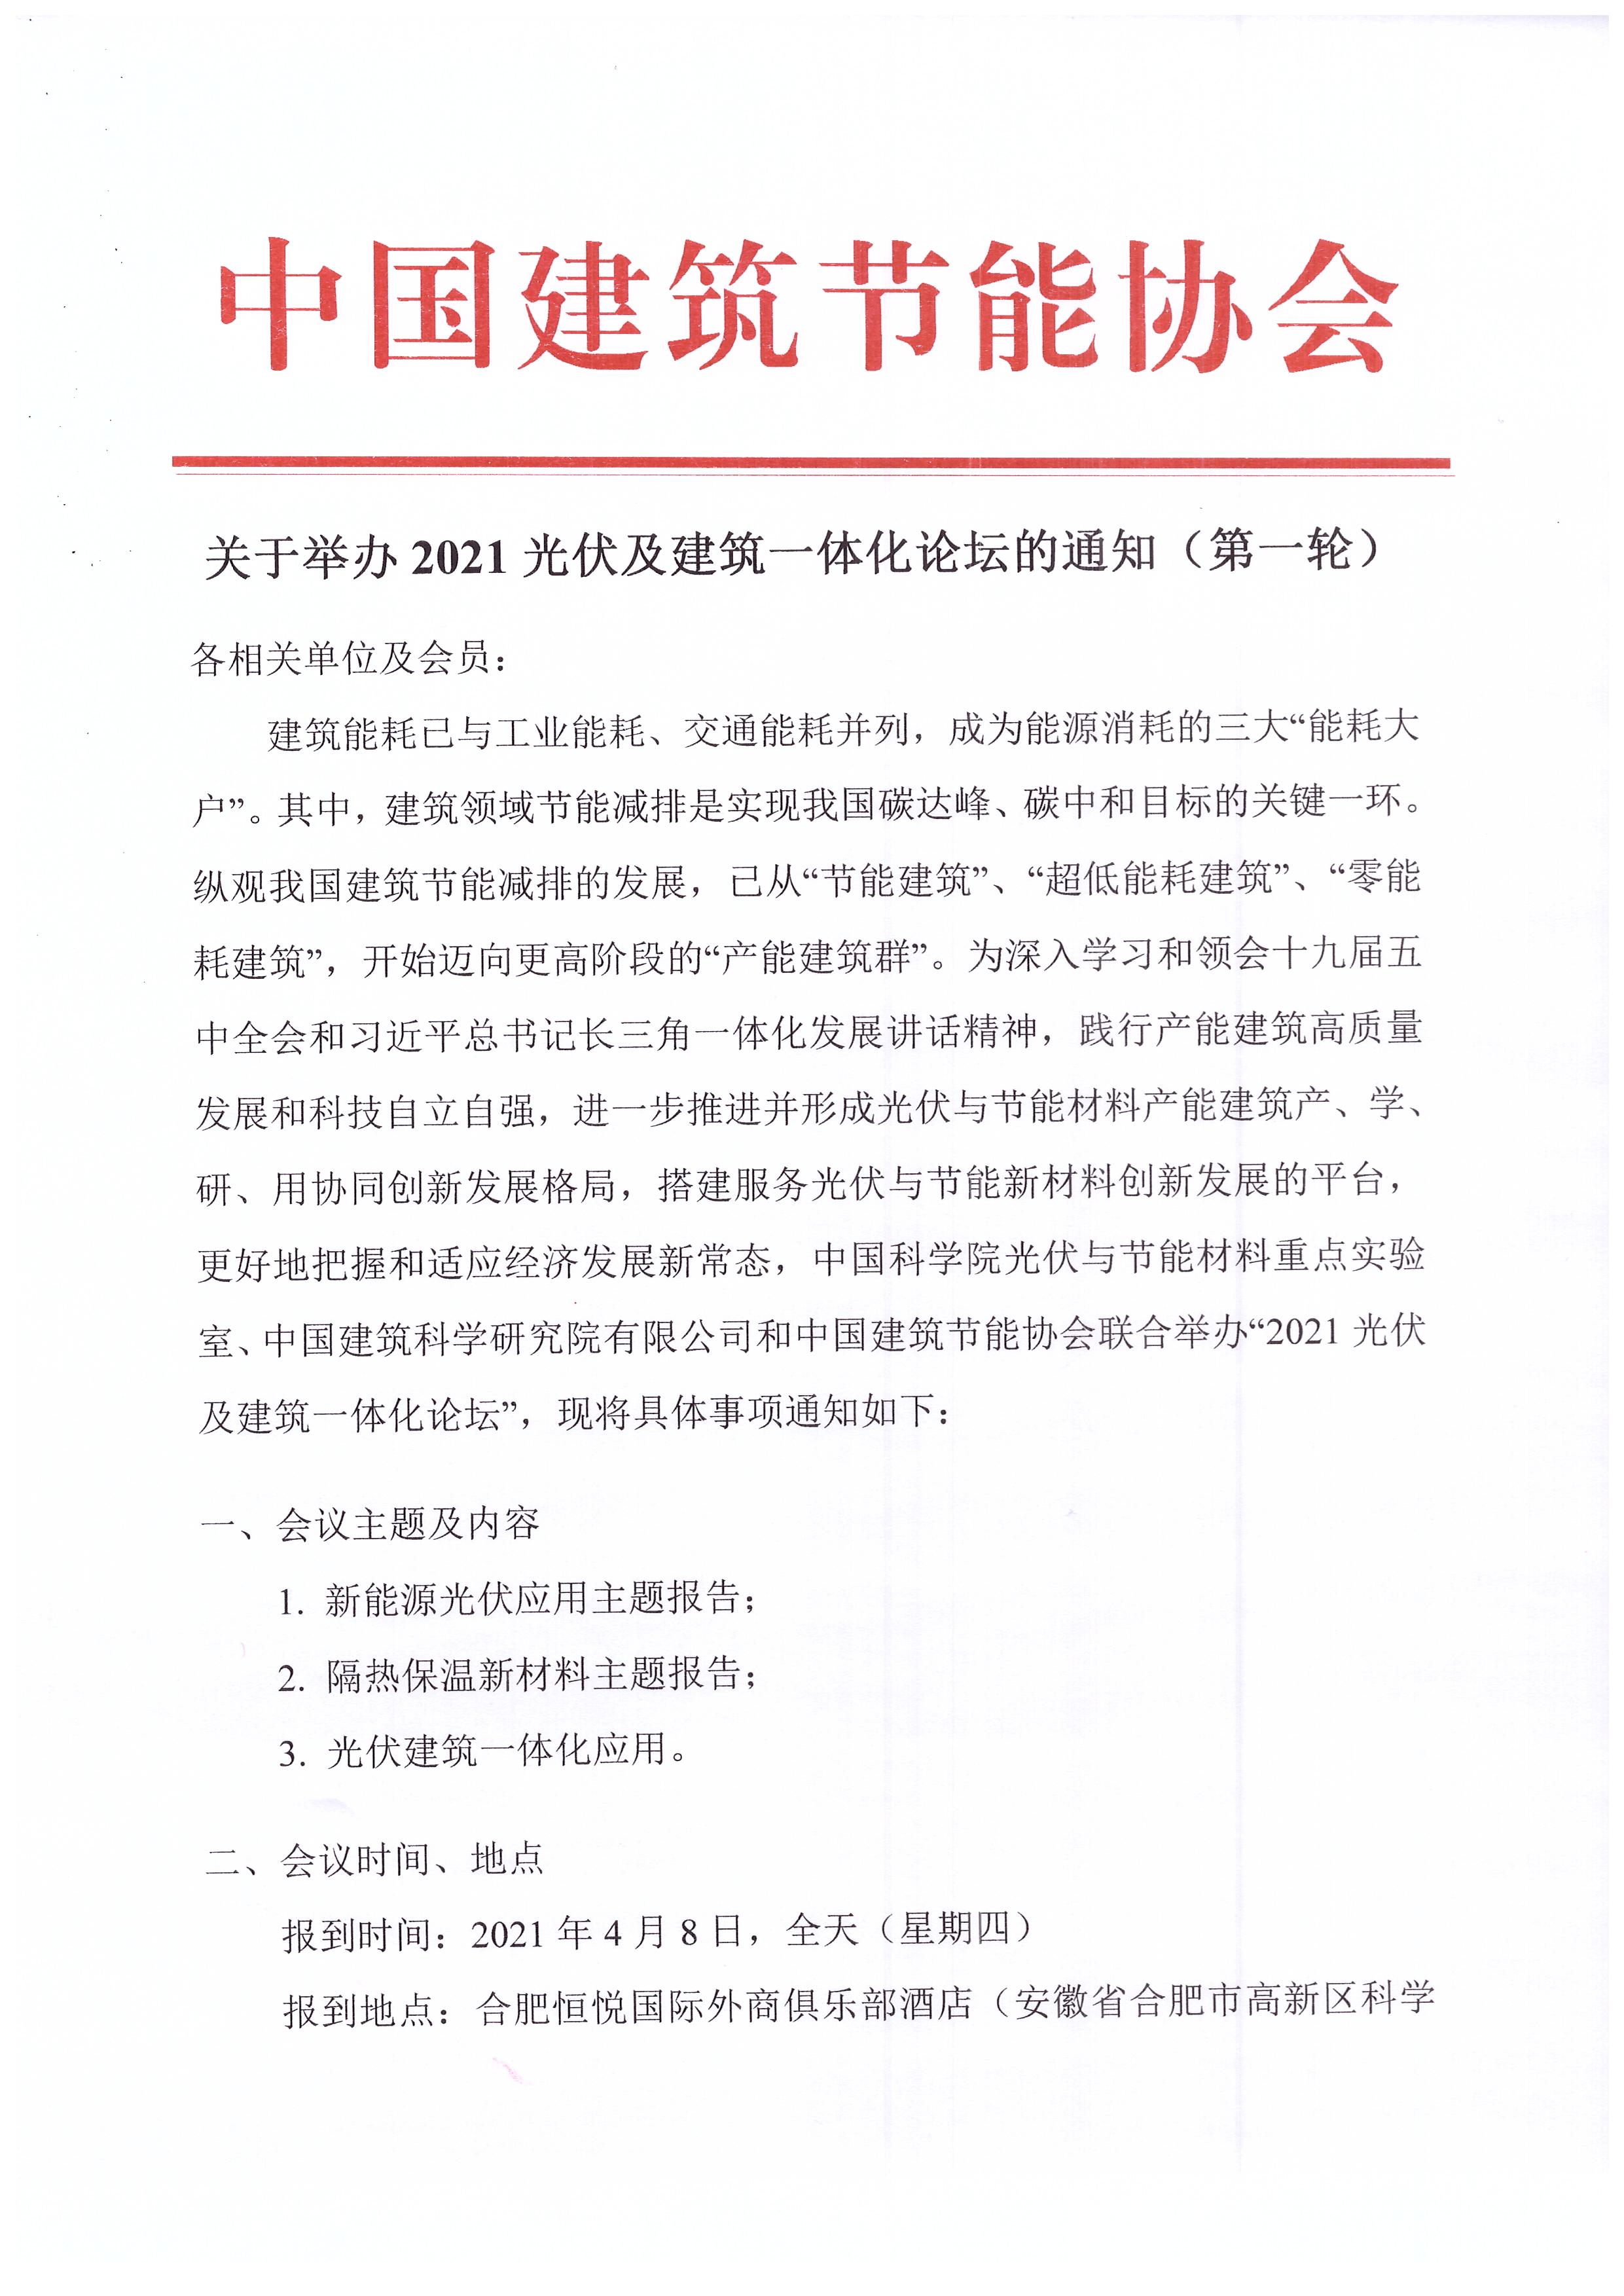 关于举办2021光伏及建筑一体化论坛的通知(第一轮)(2)_页面_1.jpg